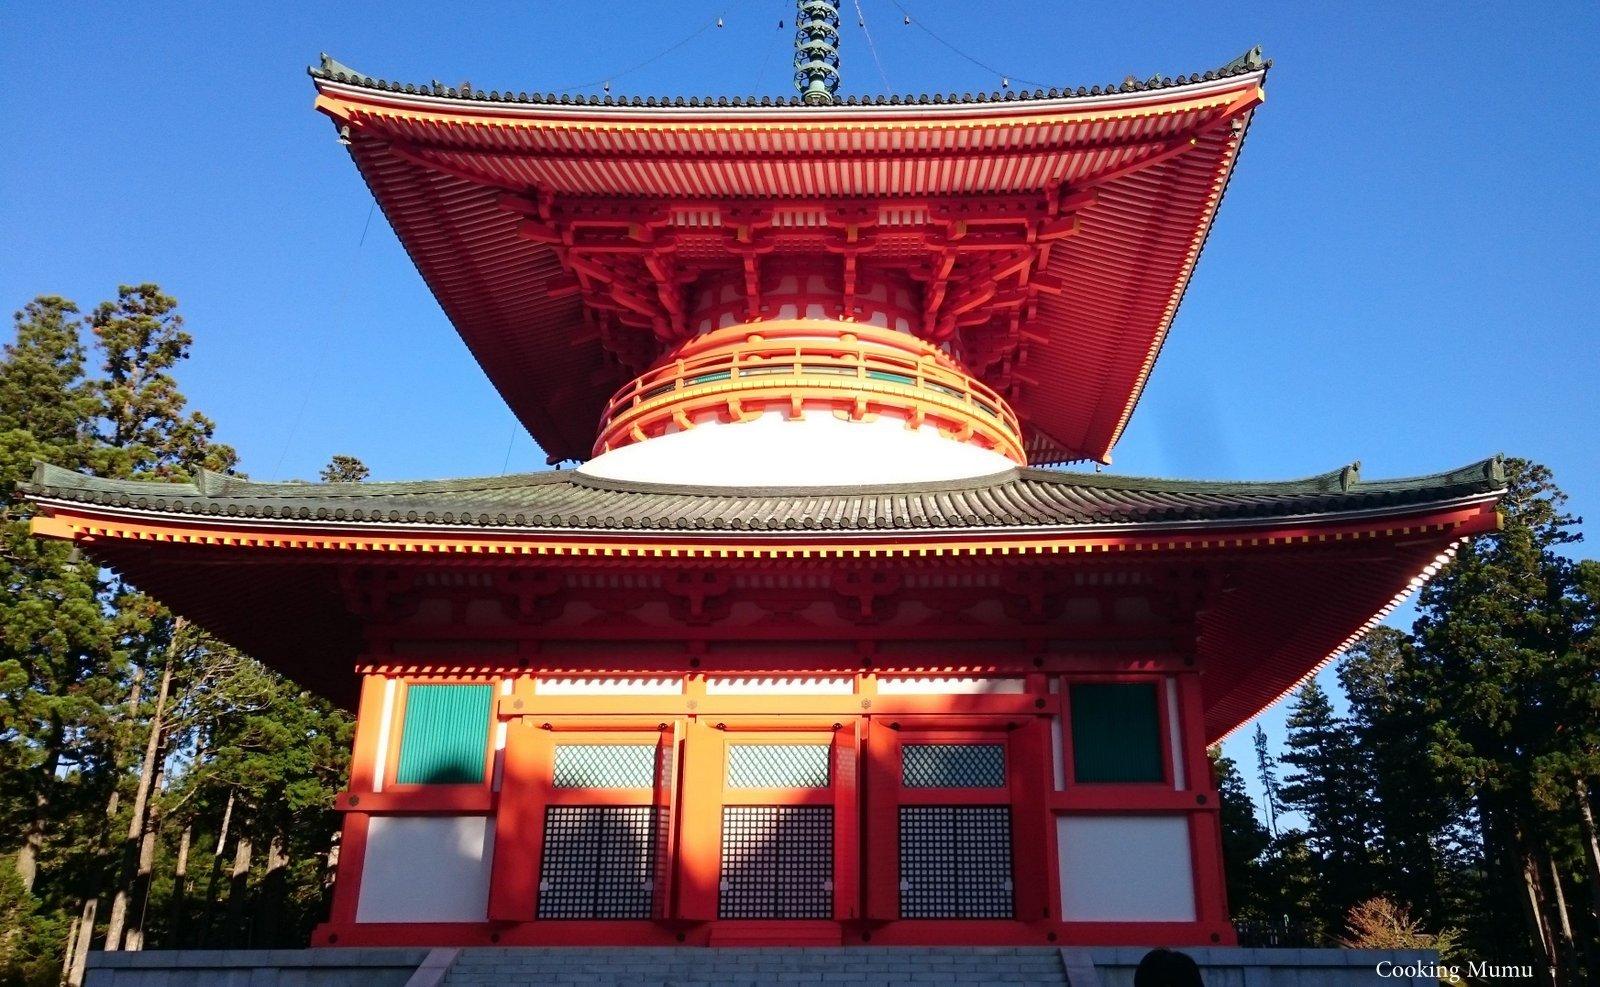 voyage au japon koya san cooking mumu. Black Bedroom Furniture Sets. Home Design Ideas